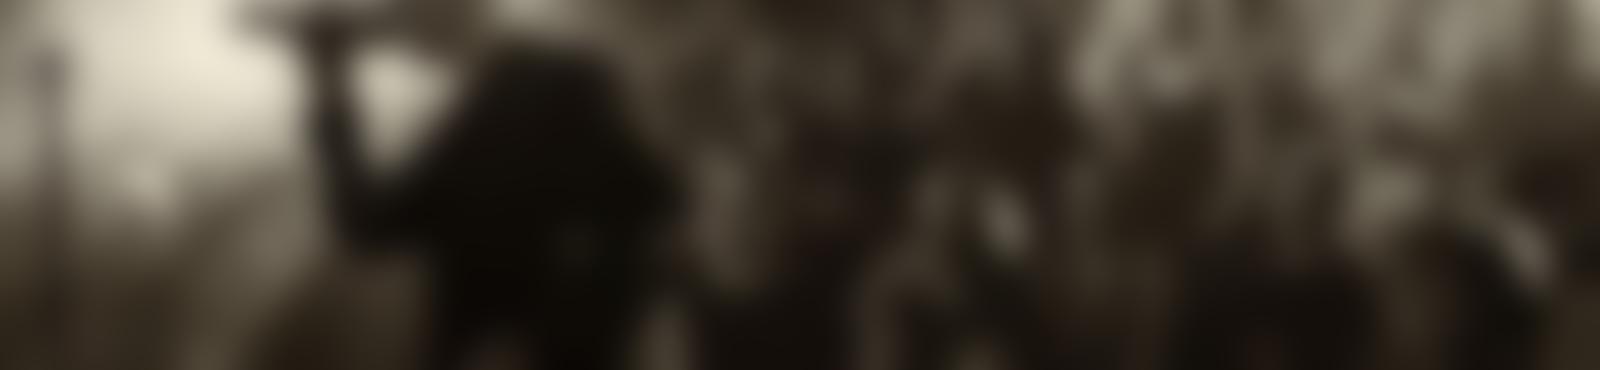 Blurred 8de25983 1c92 4b6a 85d4 7f2deea88926